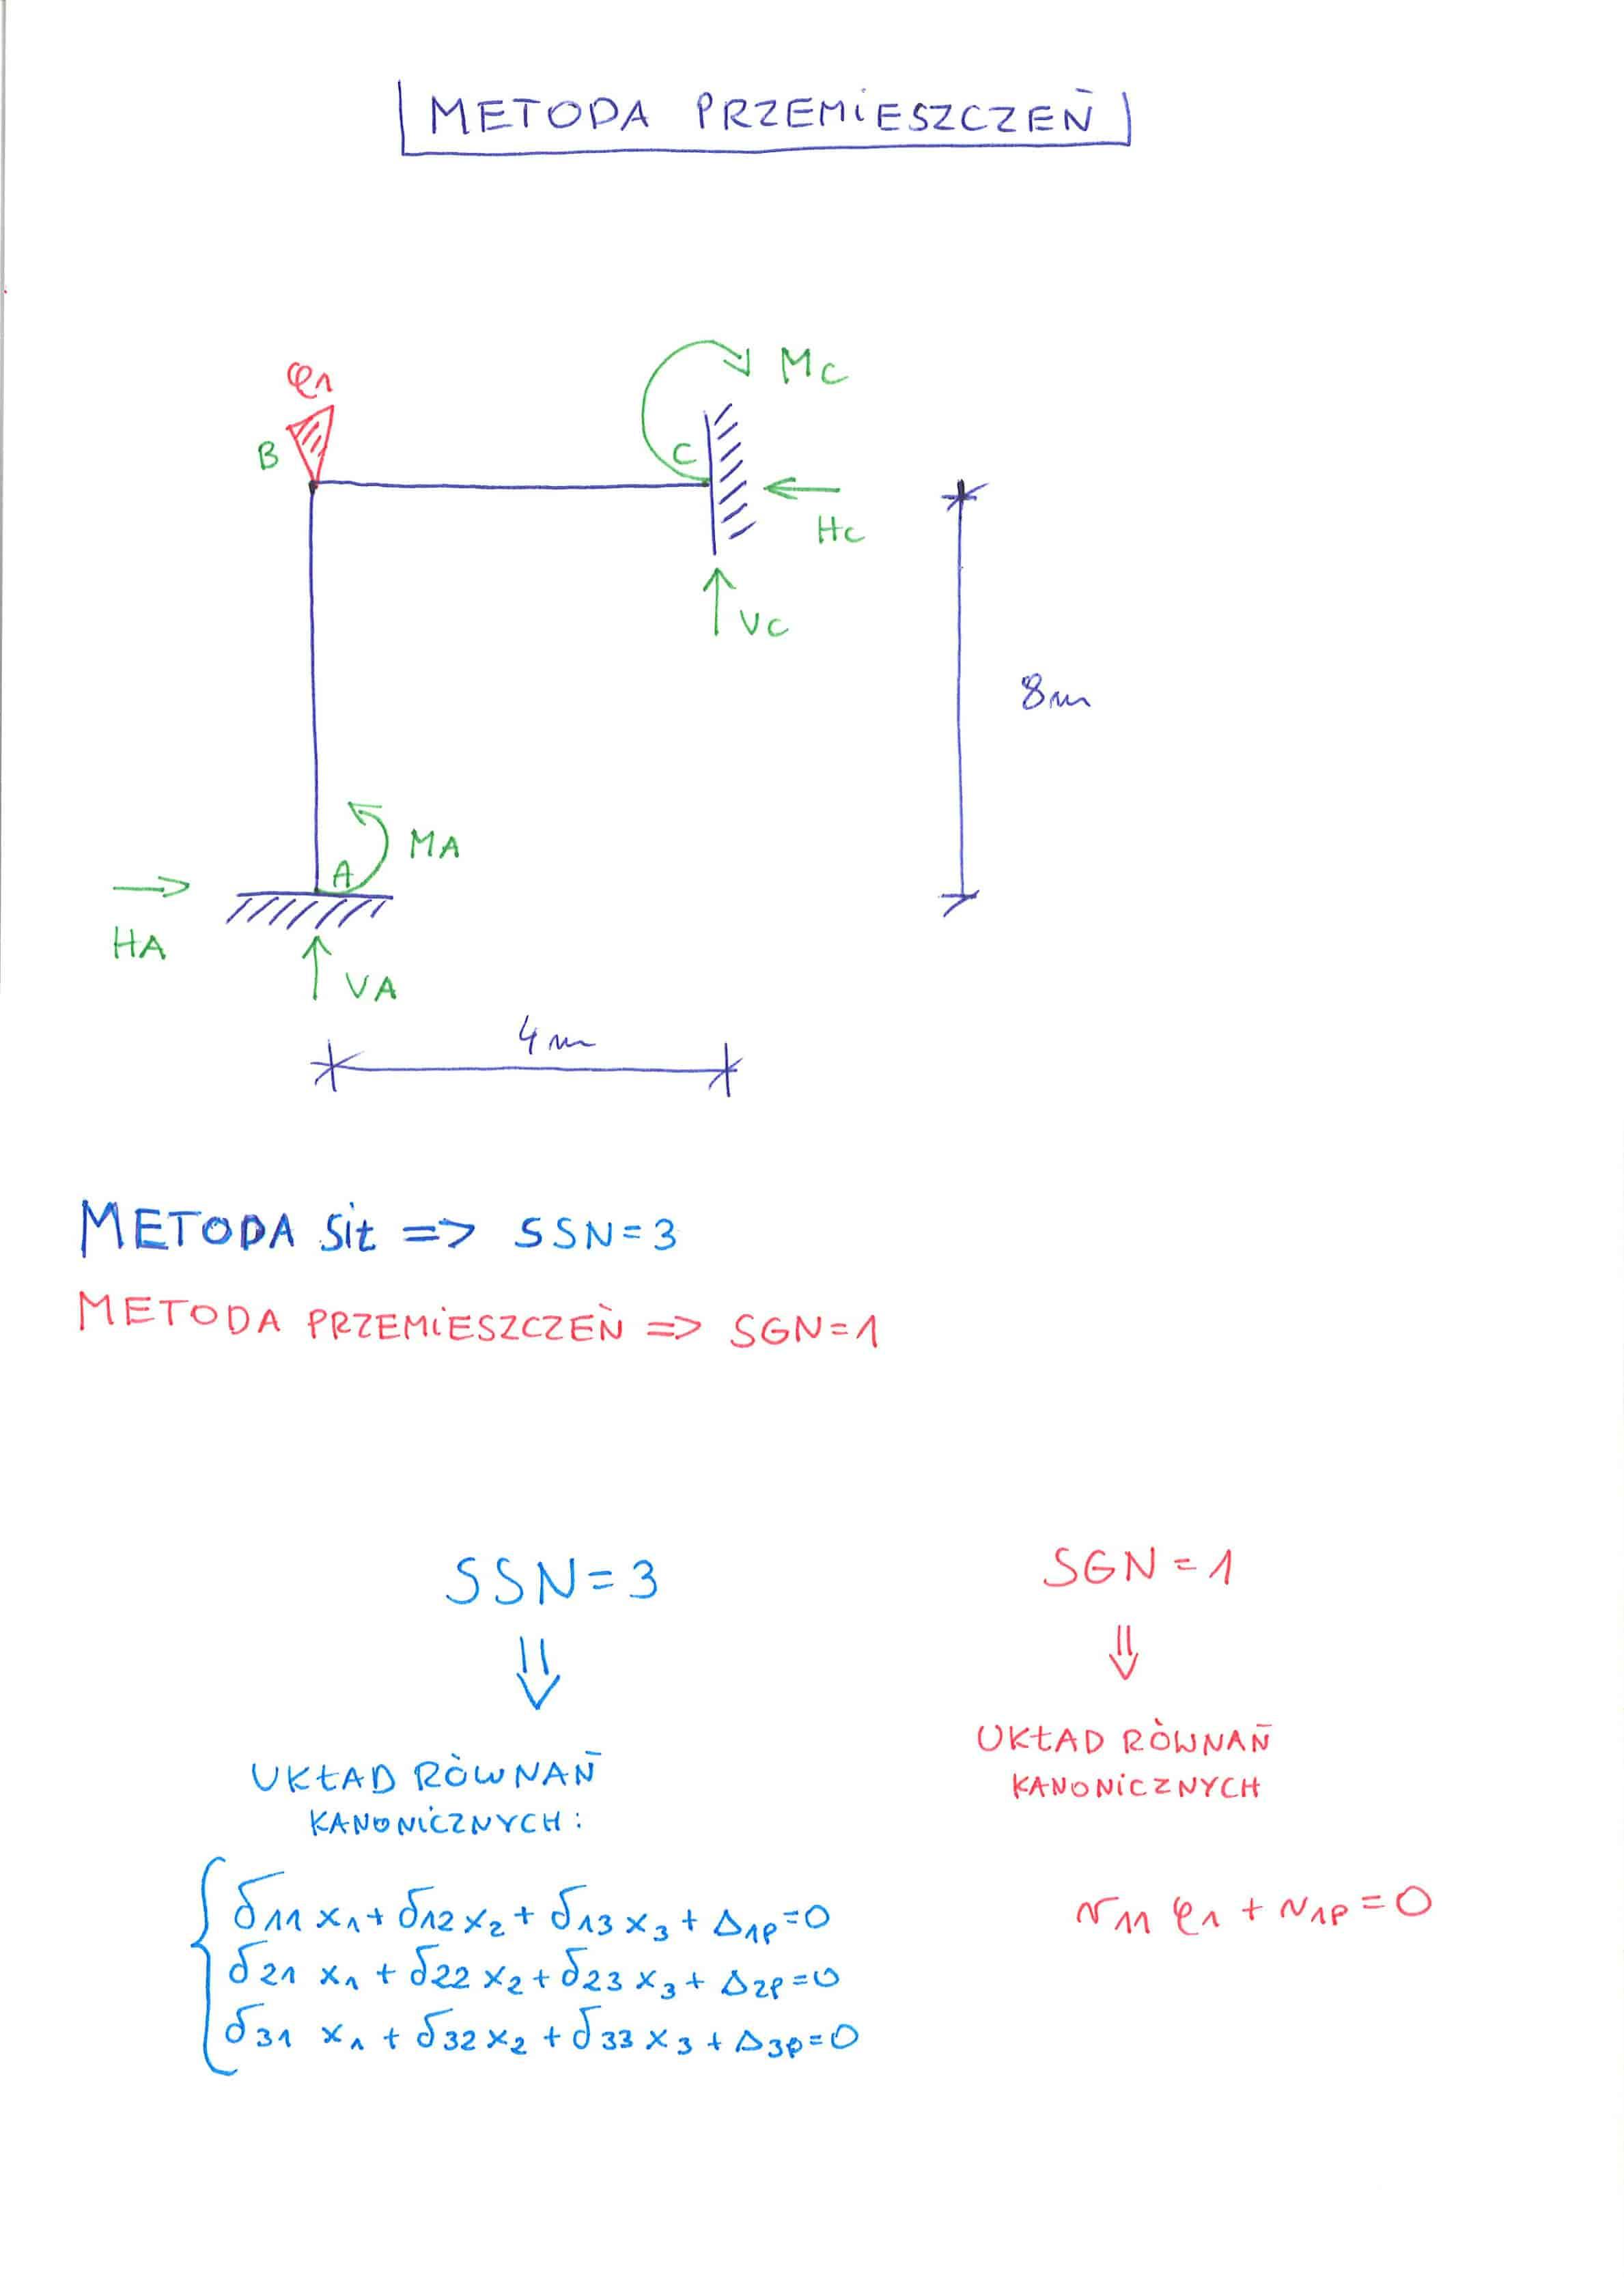 rama metoda przemieszczeń układ postawaowy